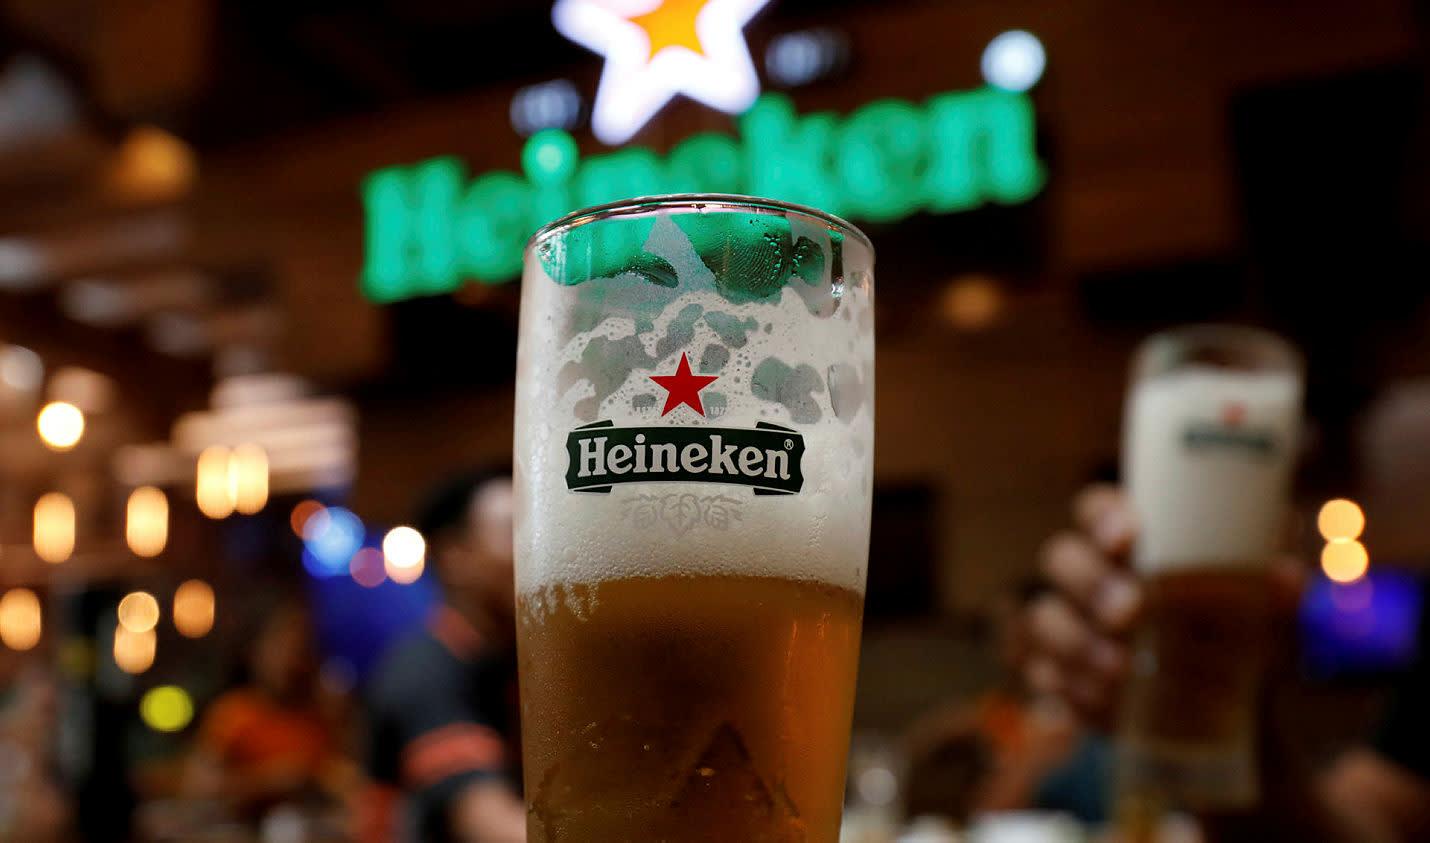 The Heineken factor